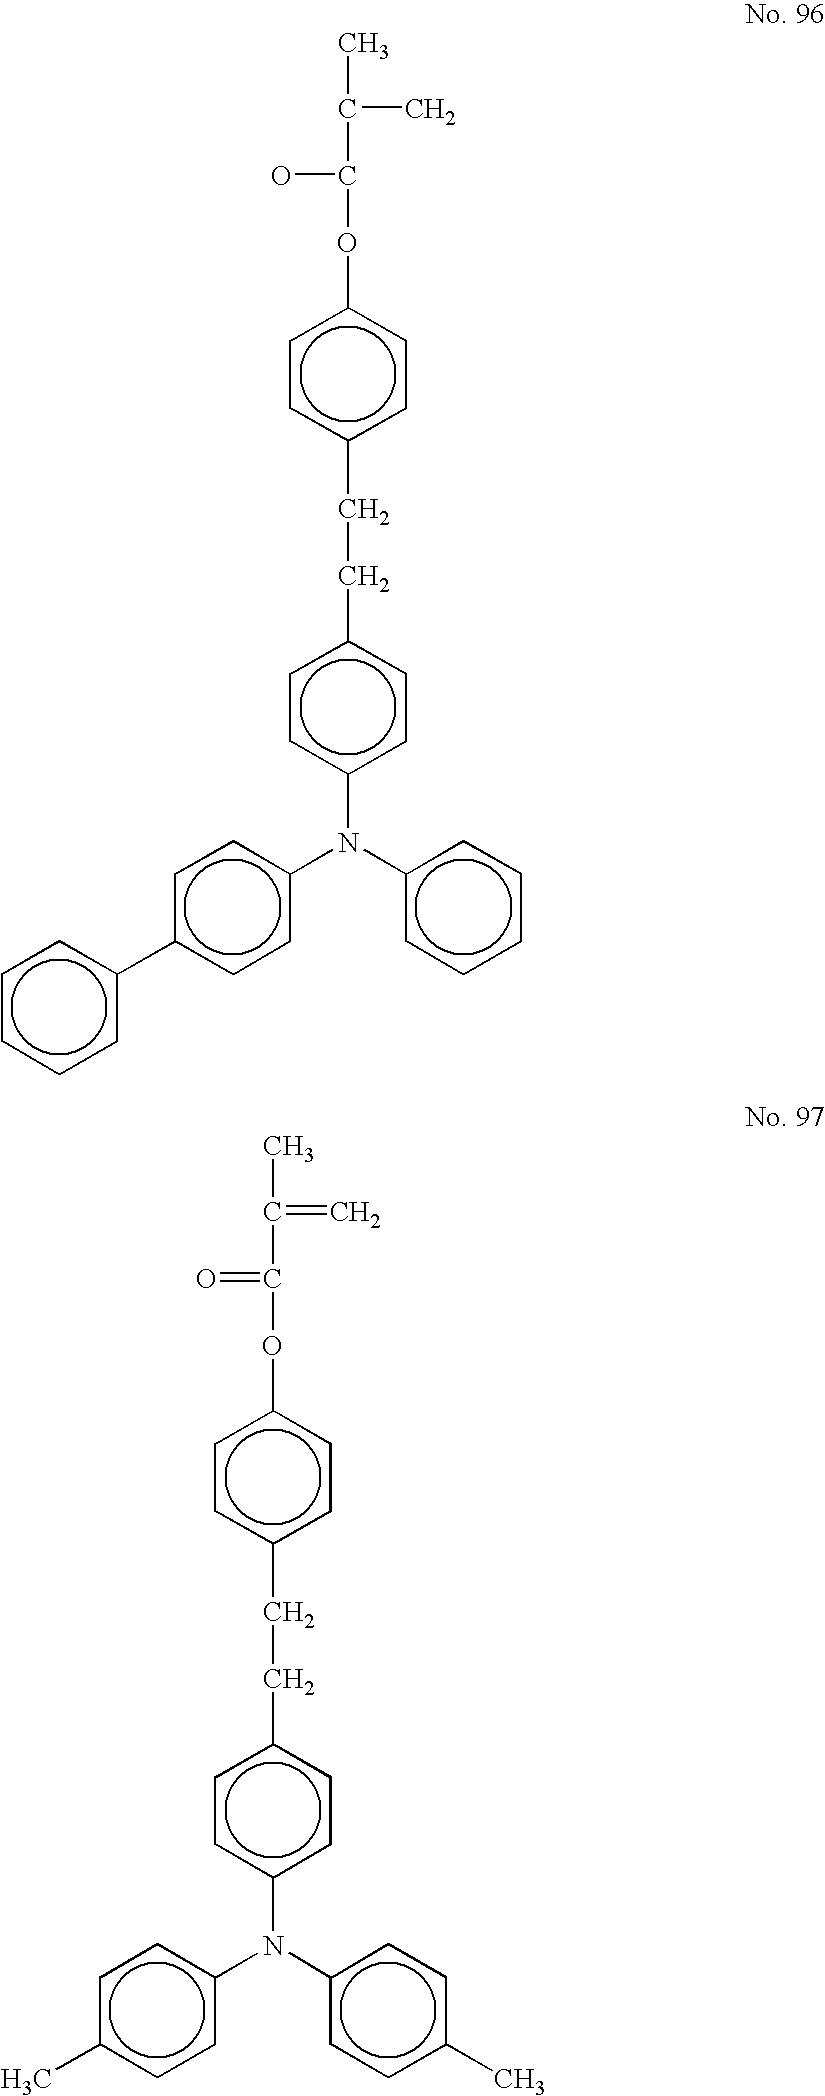 Figure US20050175911A1-20050811-C00034